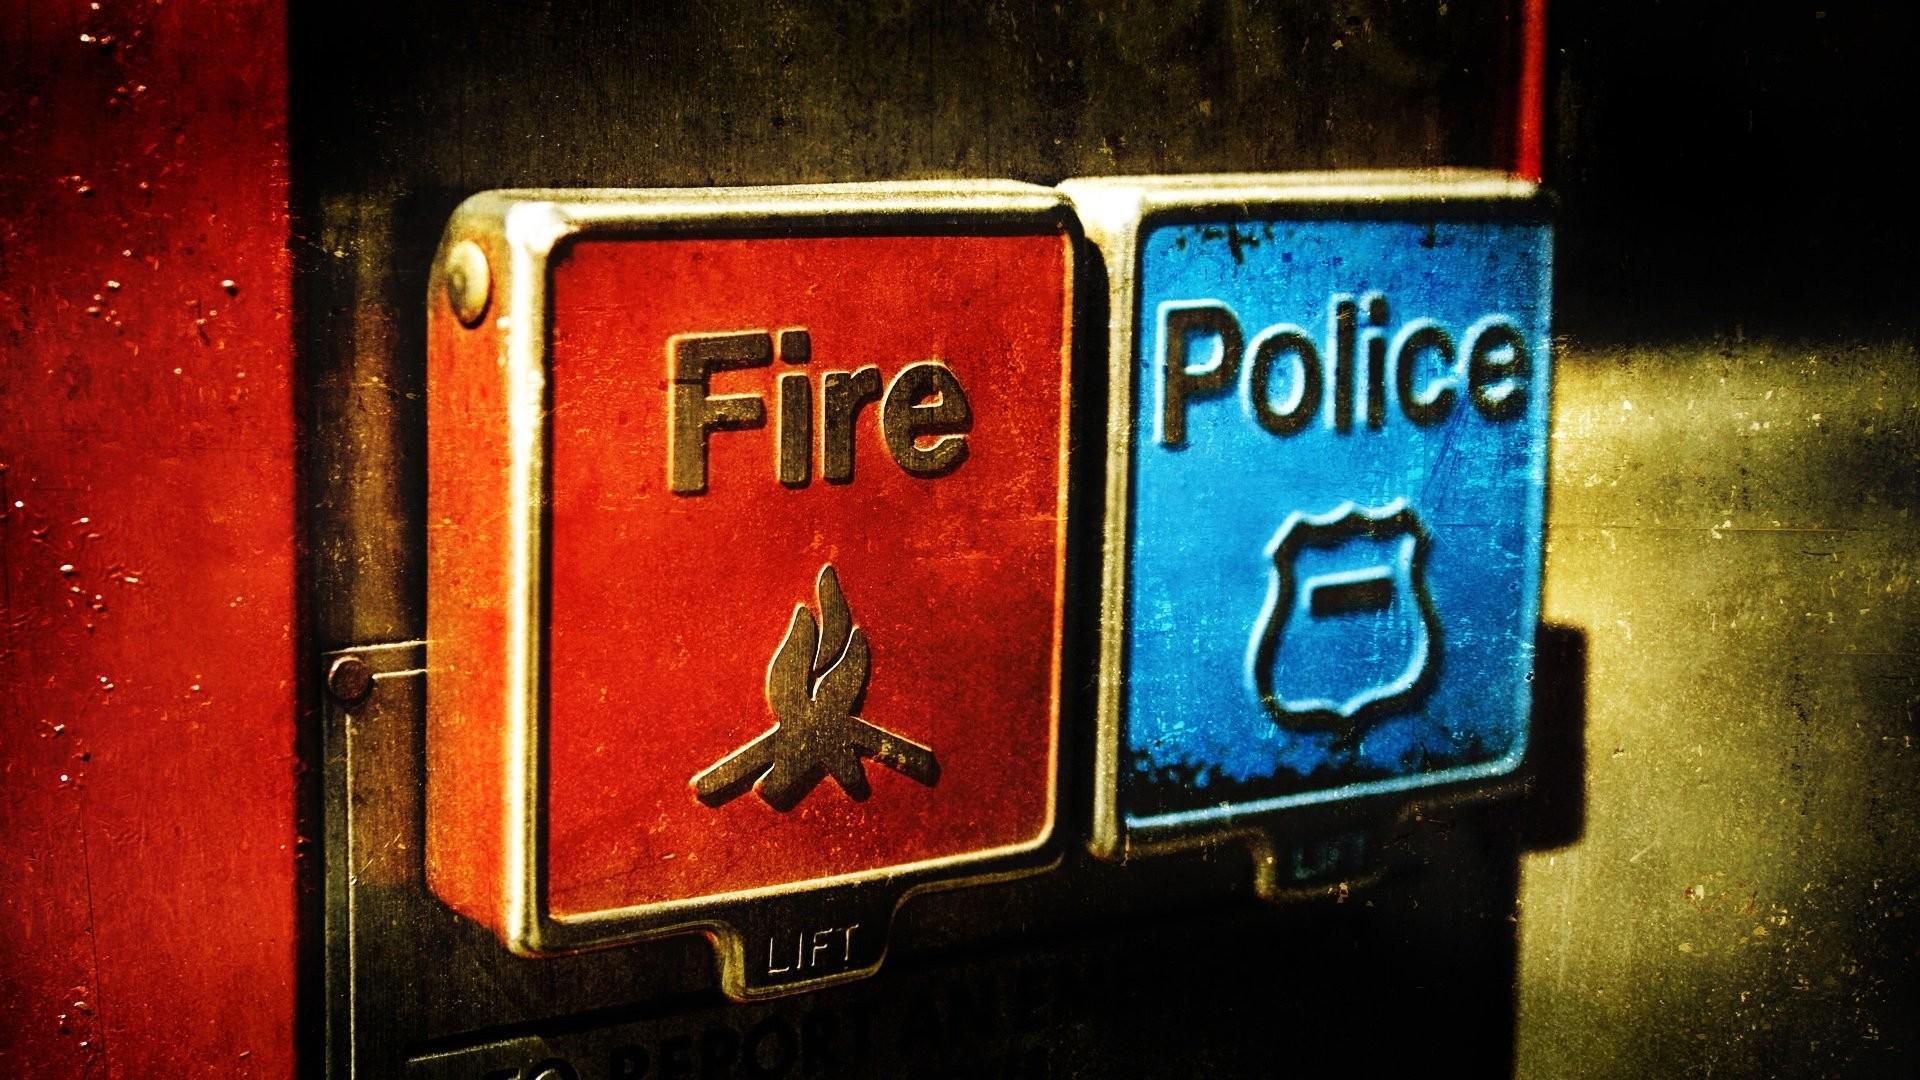 Police 659660; police 469500